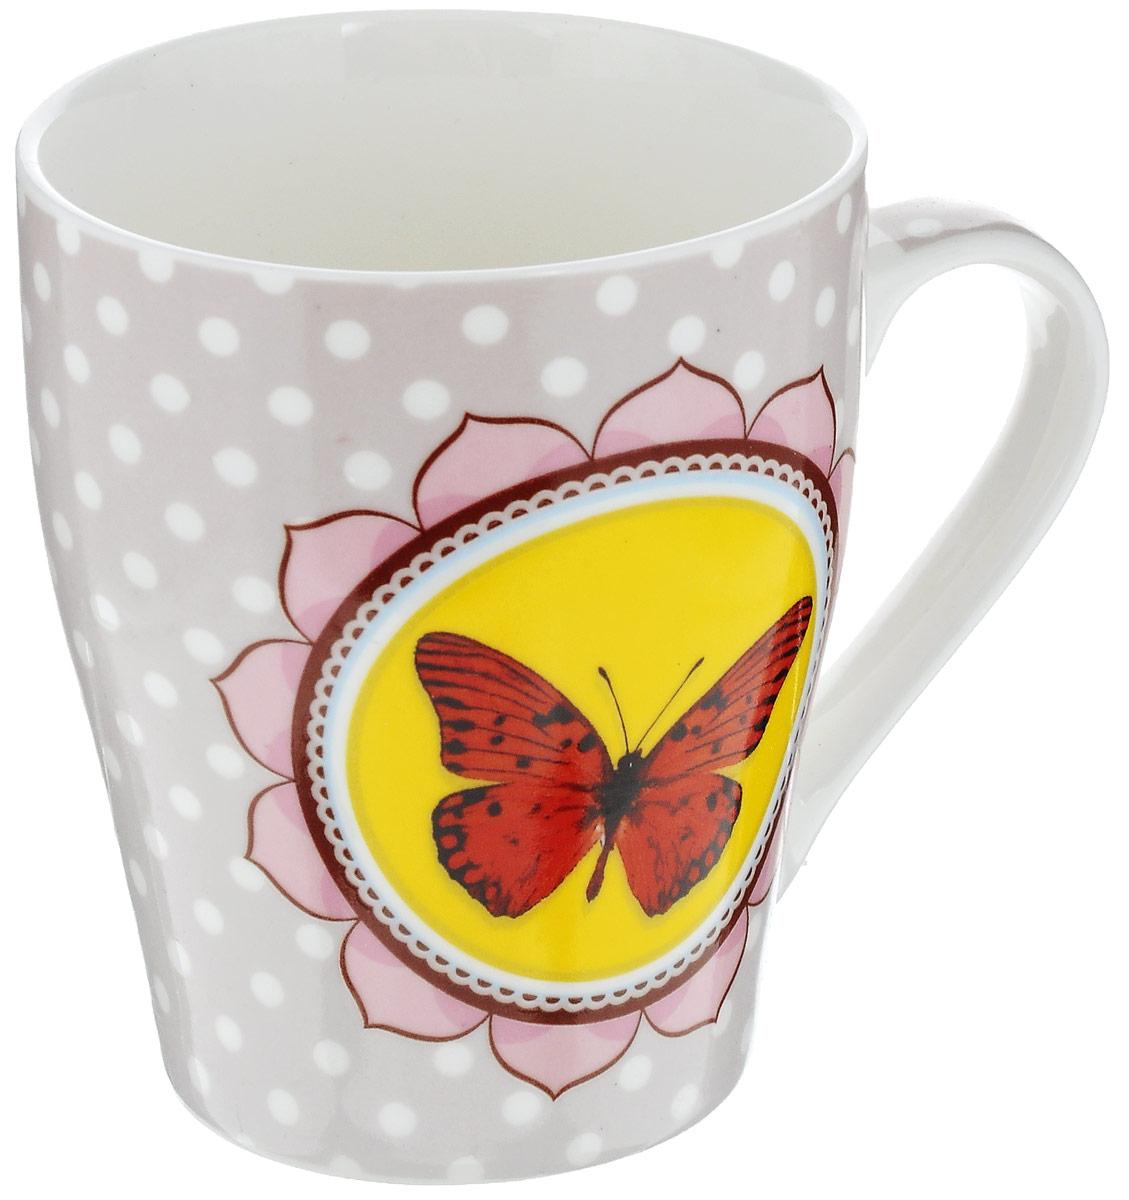 Кружка Loraine Бабочка, цвет: розовый, желтый, красный, 340 мл кружки из императорского фарфора купить в спб